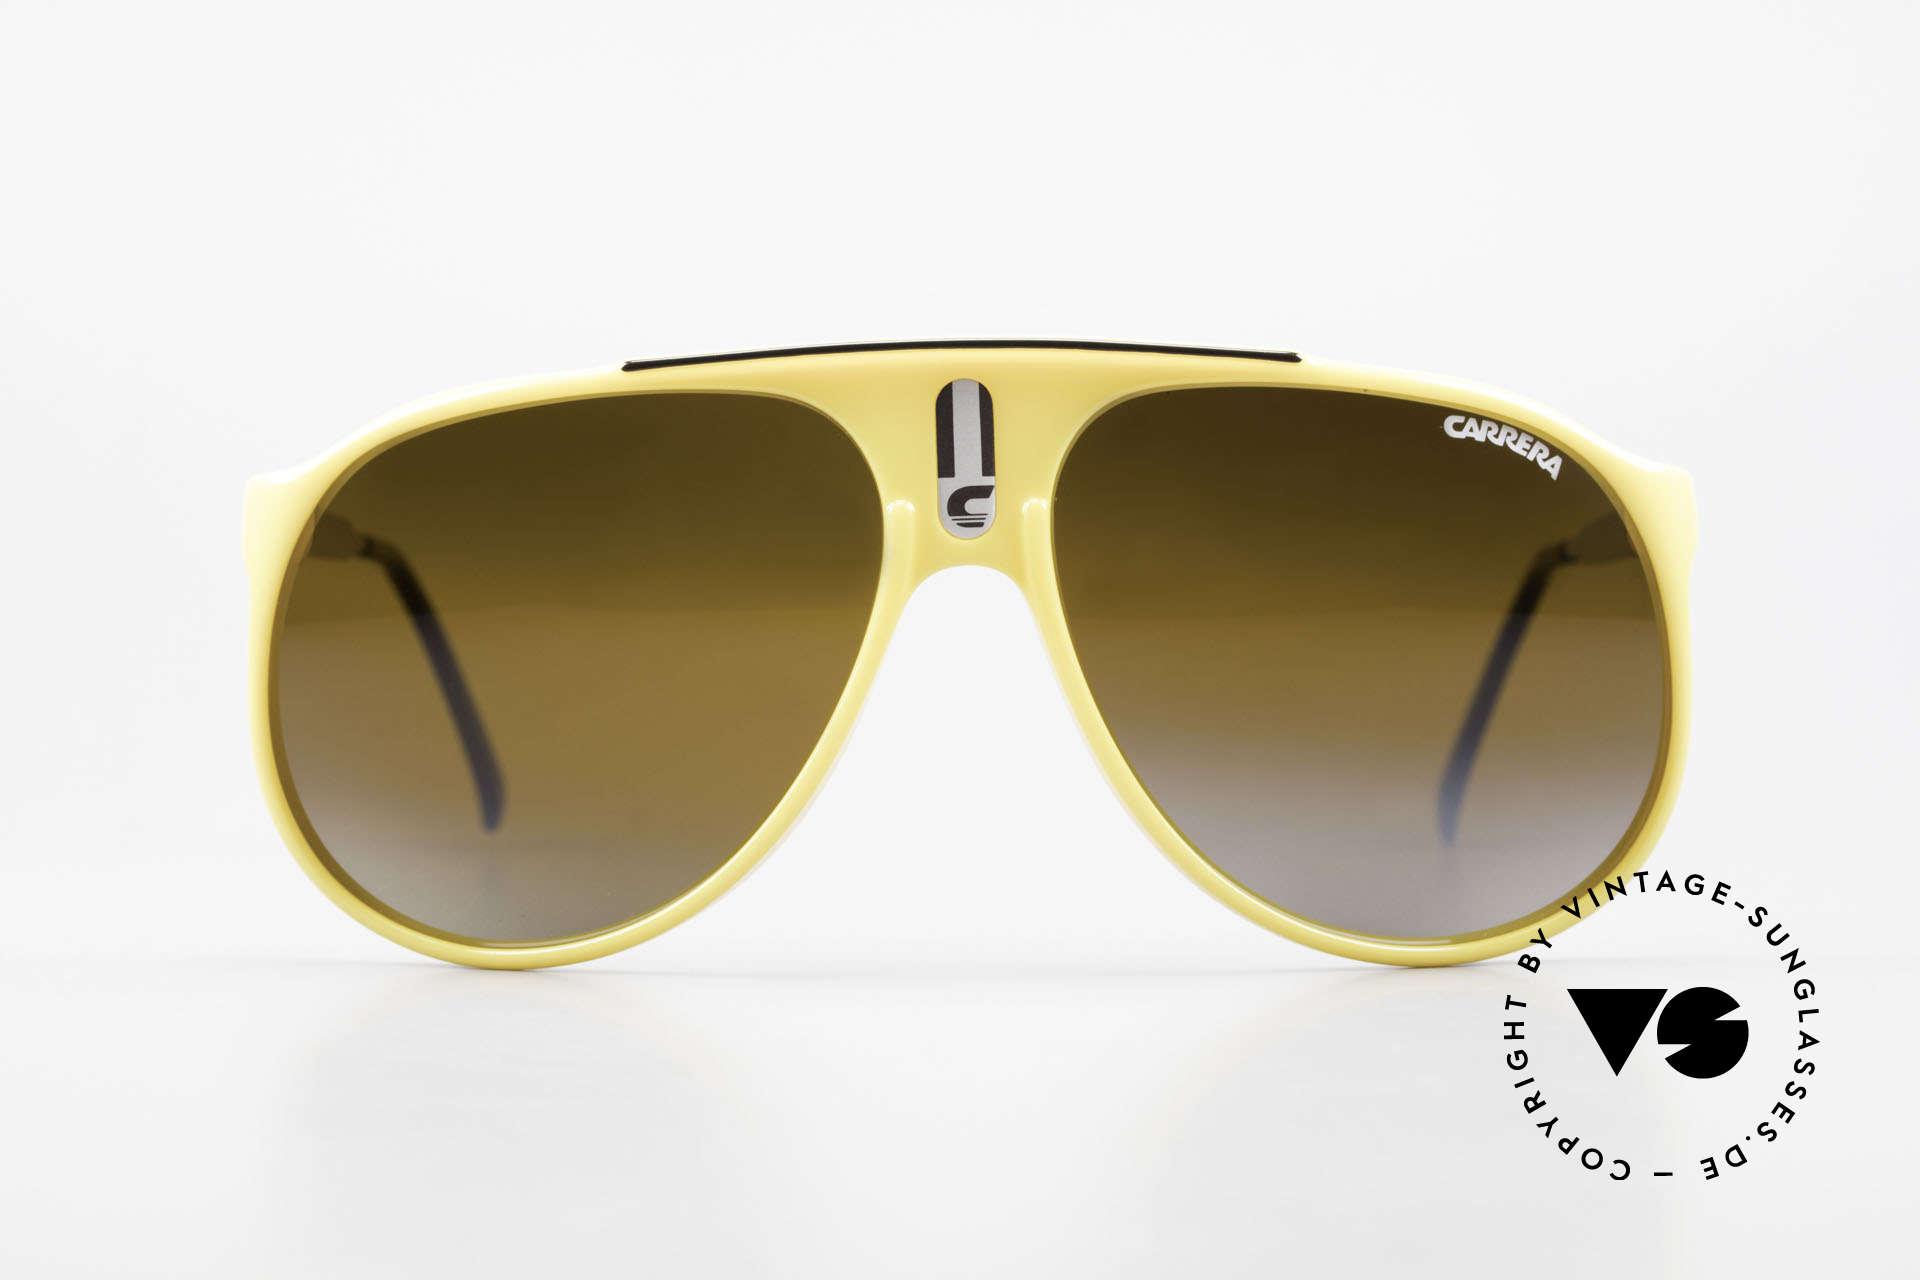 Carrera 5424 Rare Mirrored 80's Sunglasses, original catalog name: model 5424 Sky, size 62/13, Made for Men